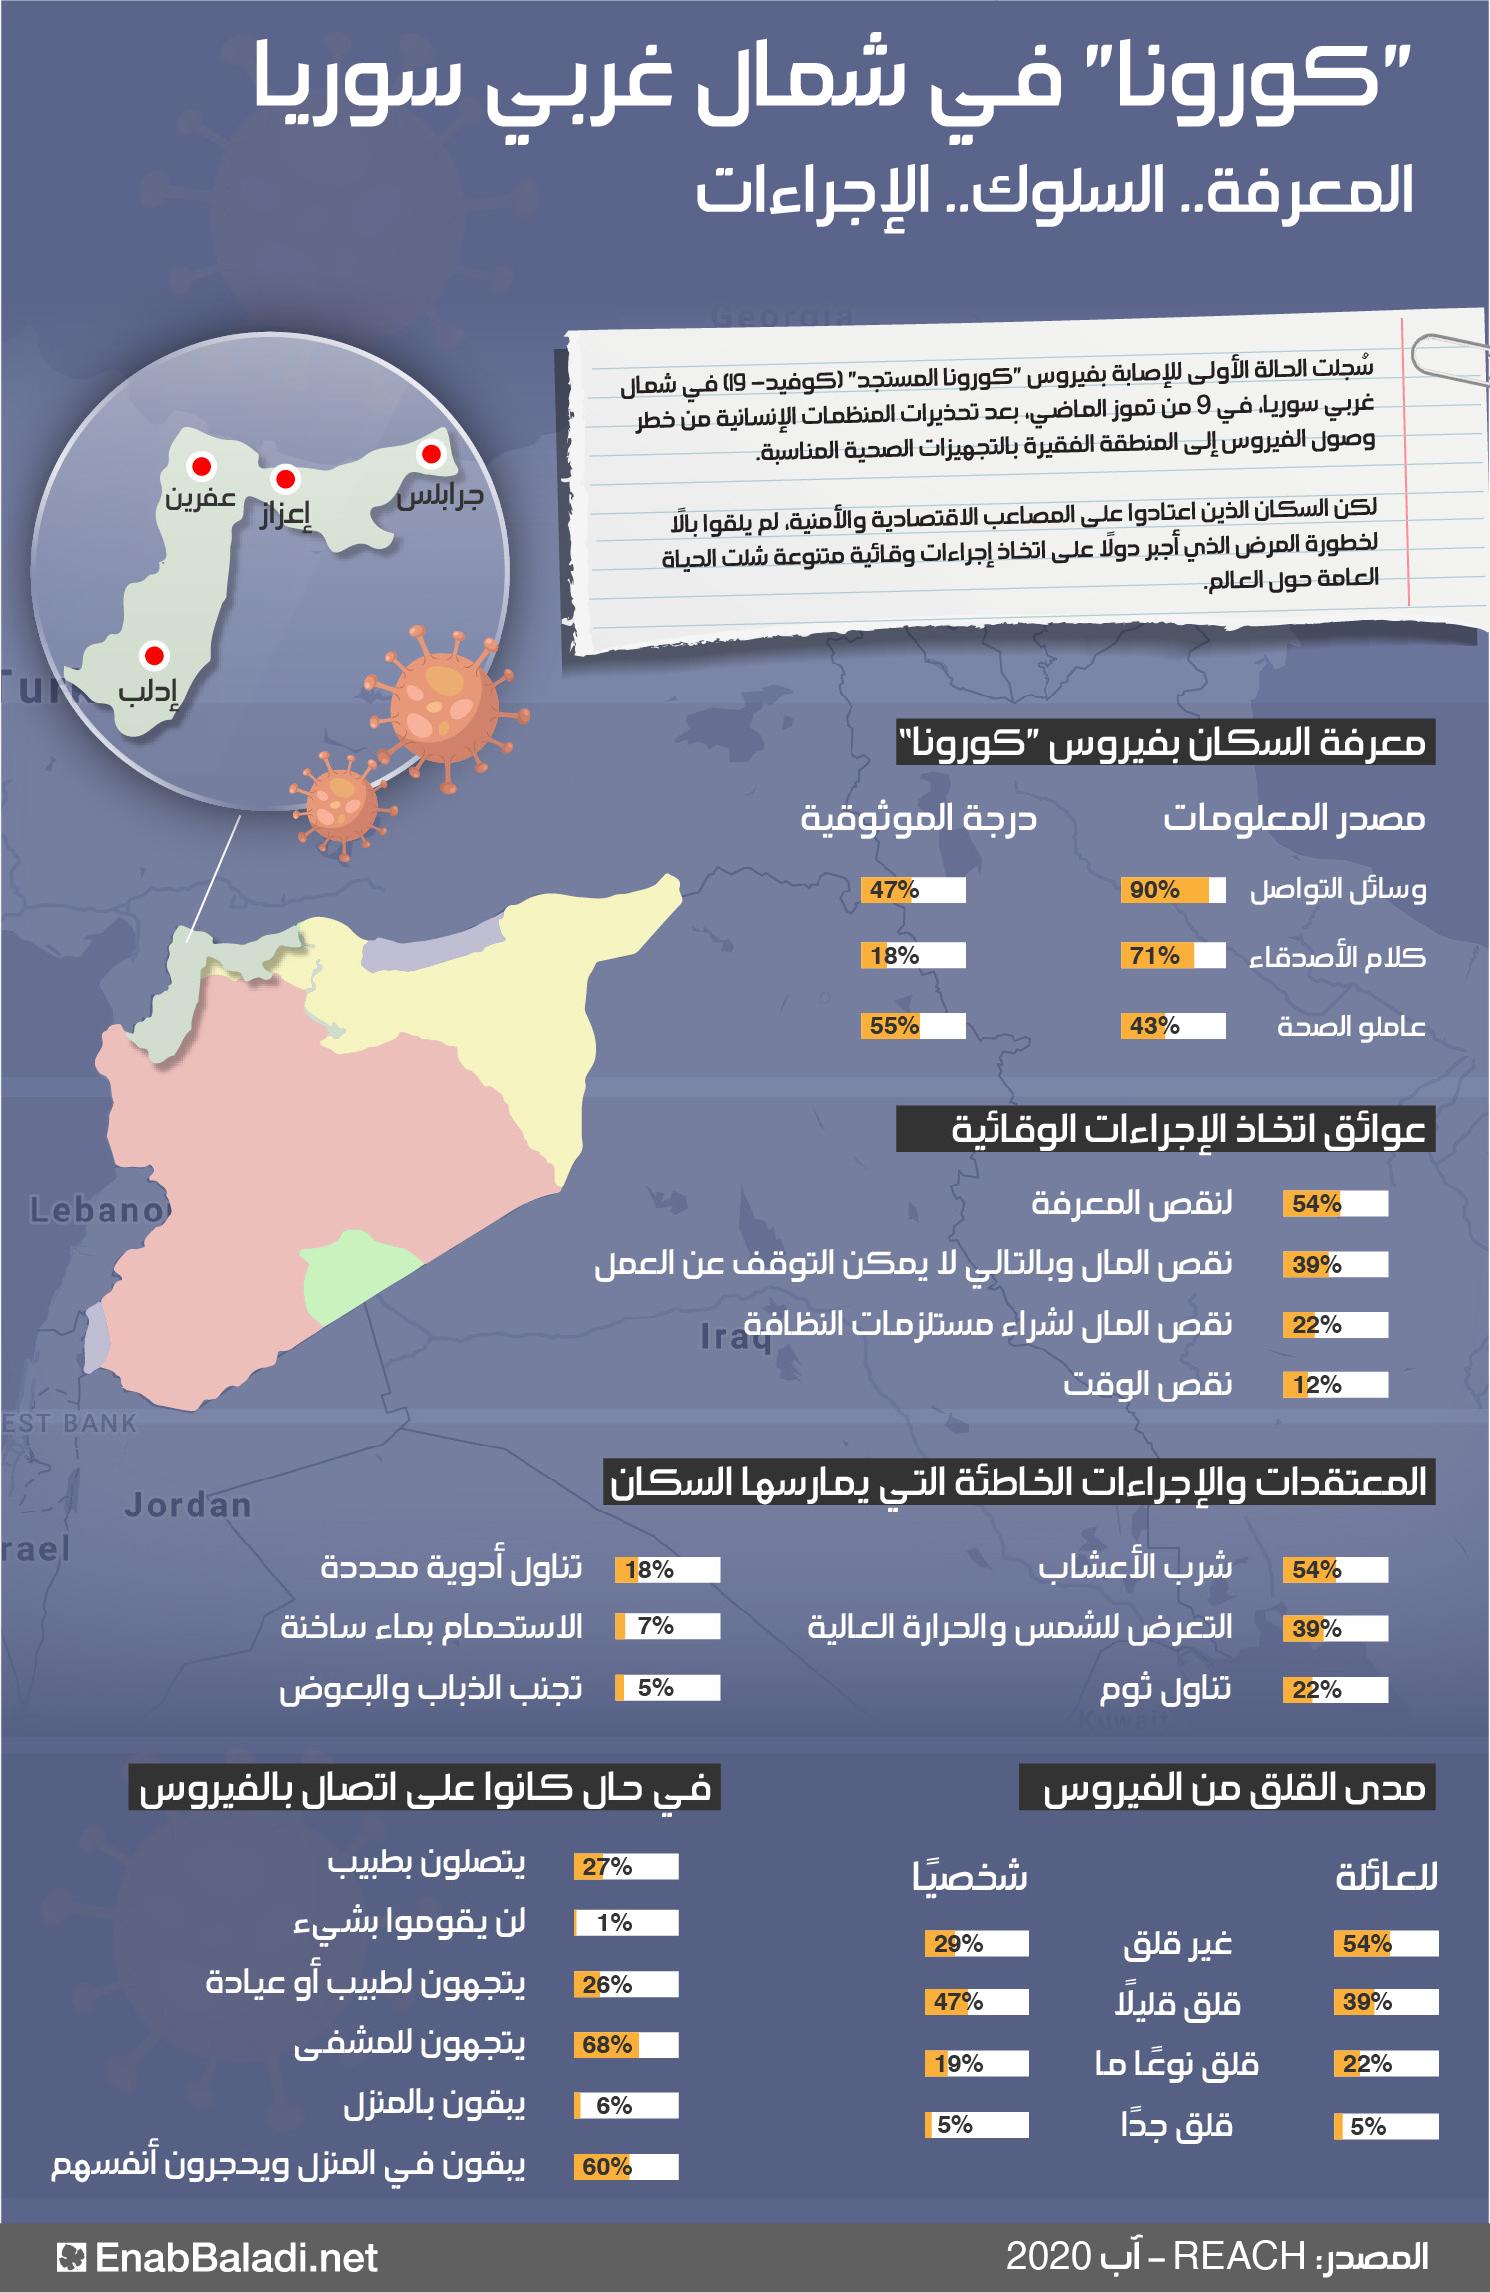 كورونا في شمال غربي سوريا.. المعرفة.. السلوك.. الإجراءات (عنب بلدي)